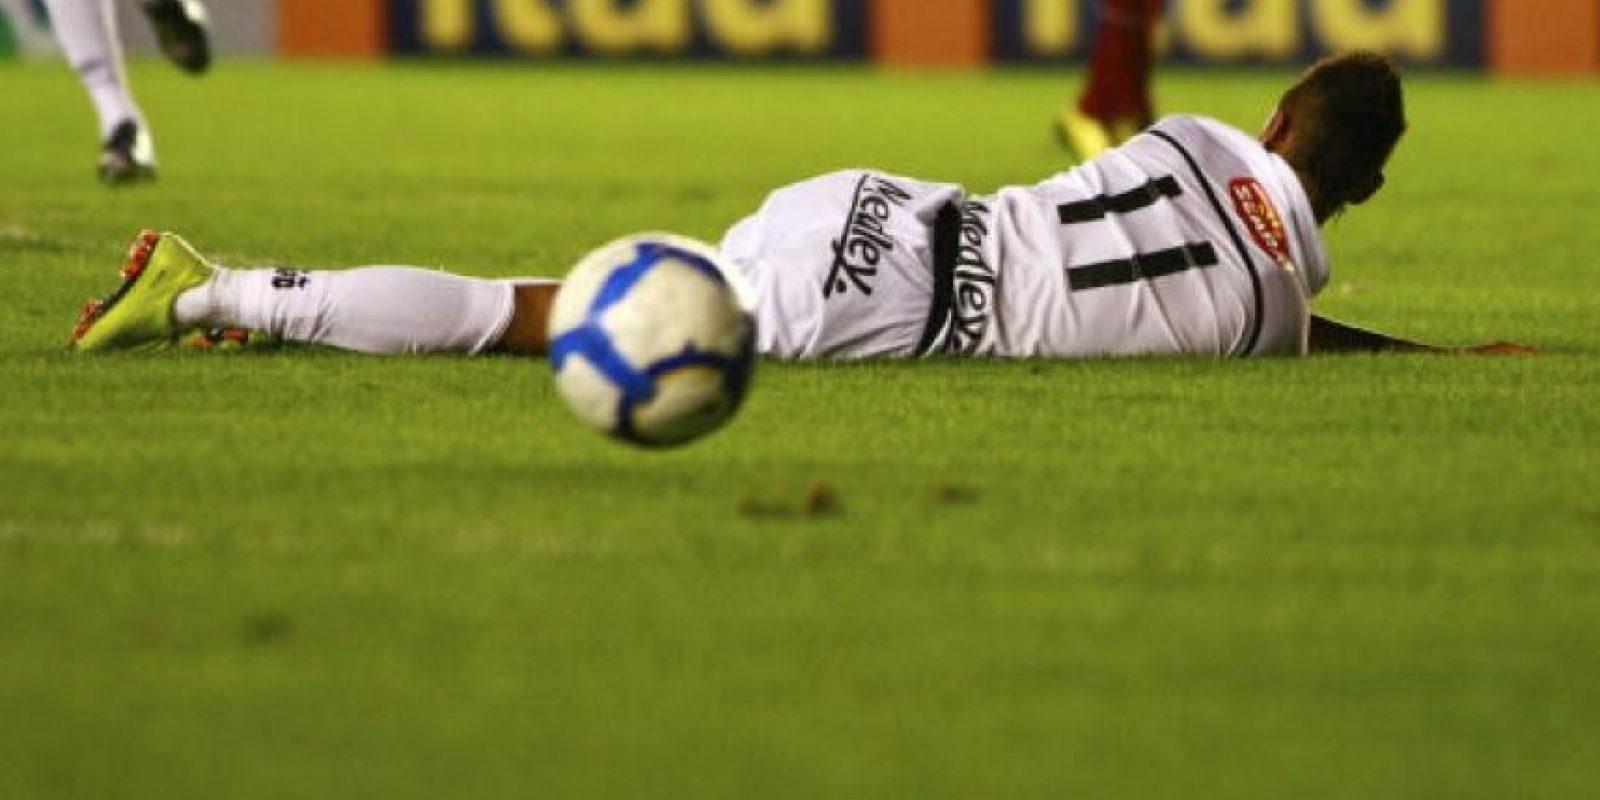 Con estos trucos humilla a sus rivales, los cuales terminan enfadados y acusando al brasileño de irrespetuoso. A continuación, los 5 espectaculares trucos de Neymar que enfadaron a su adversarios. Foto:Getty Images